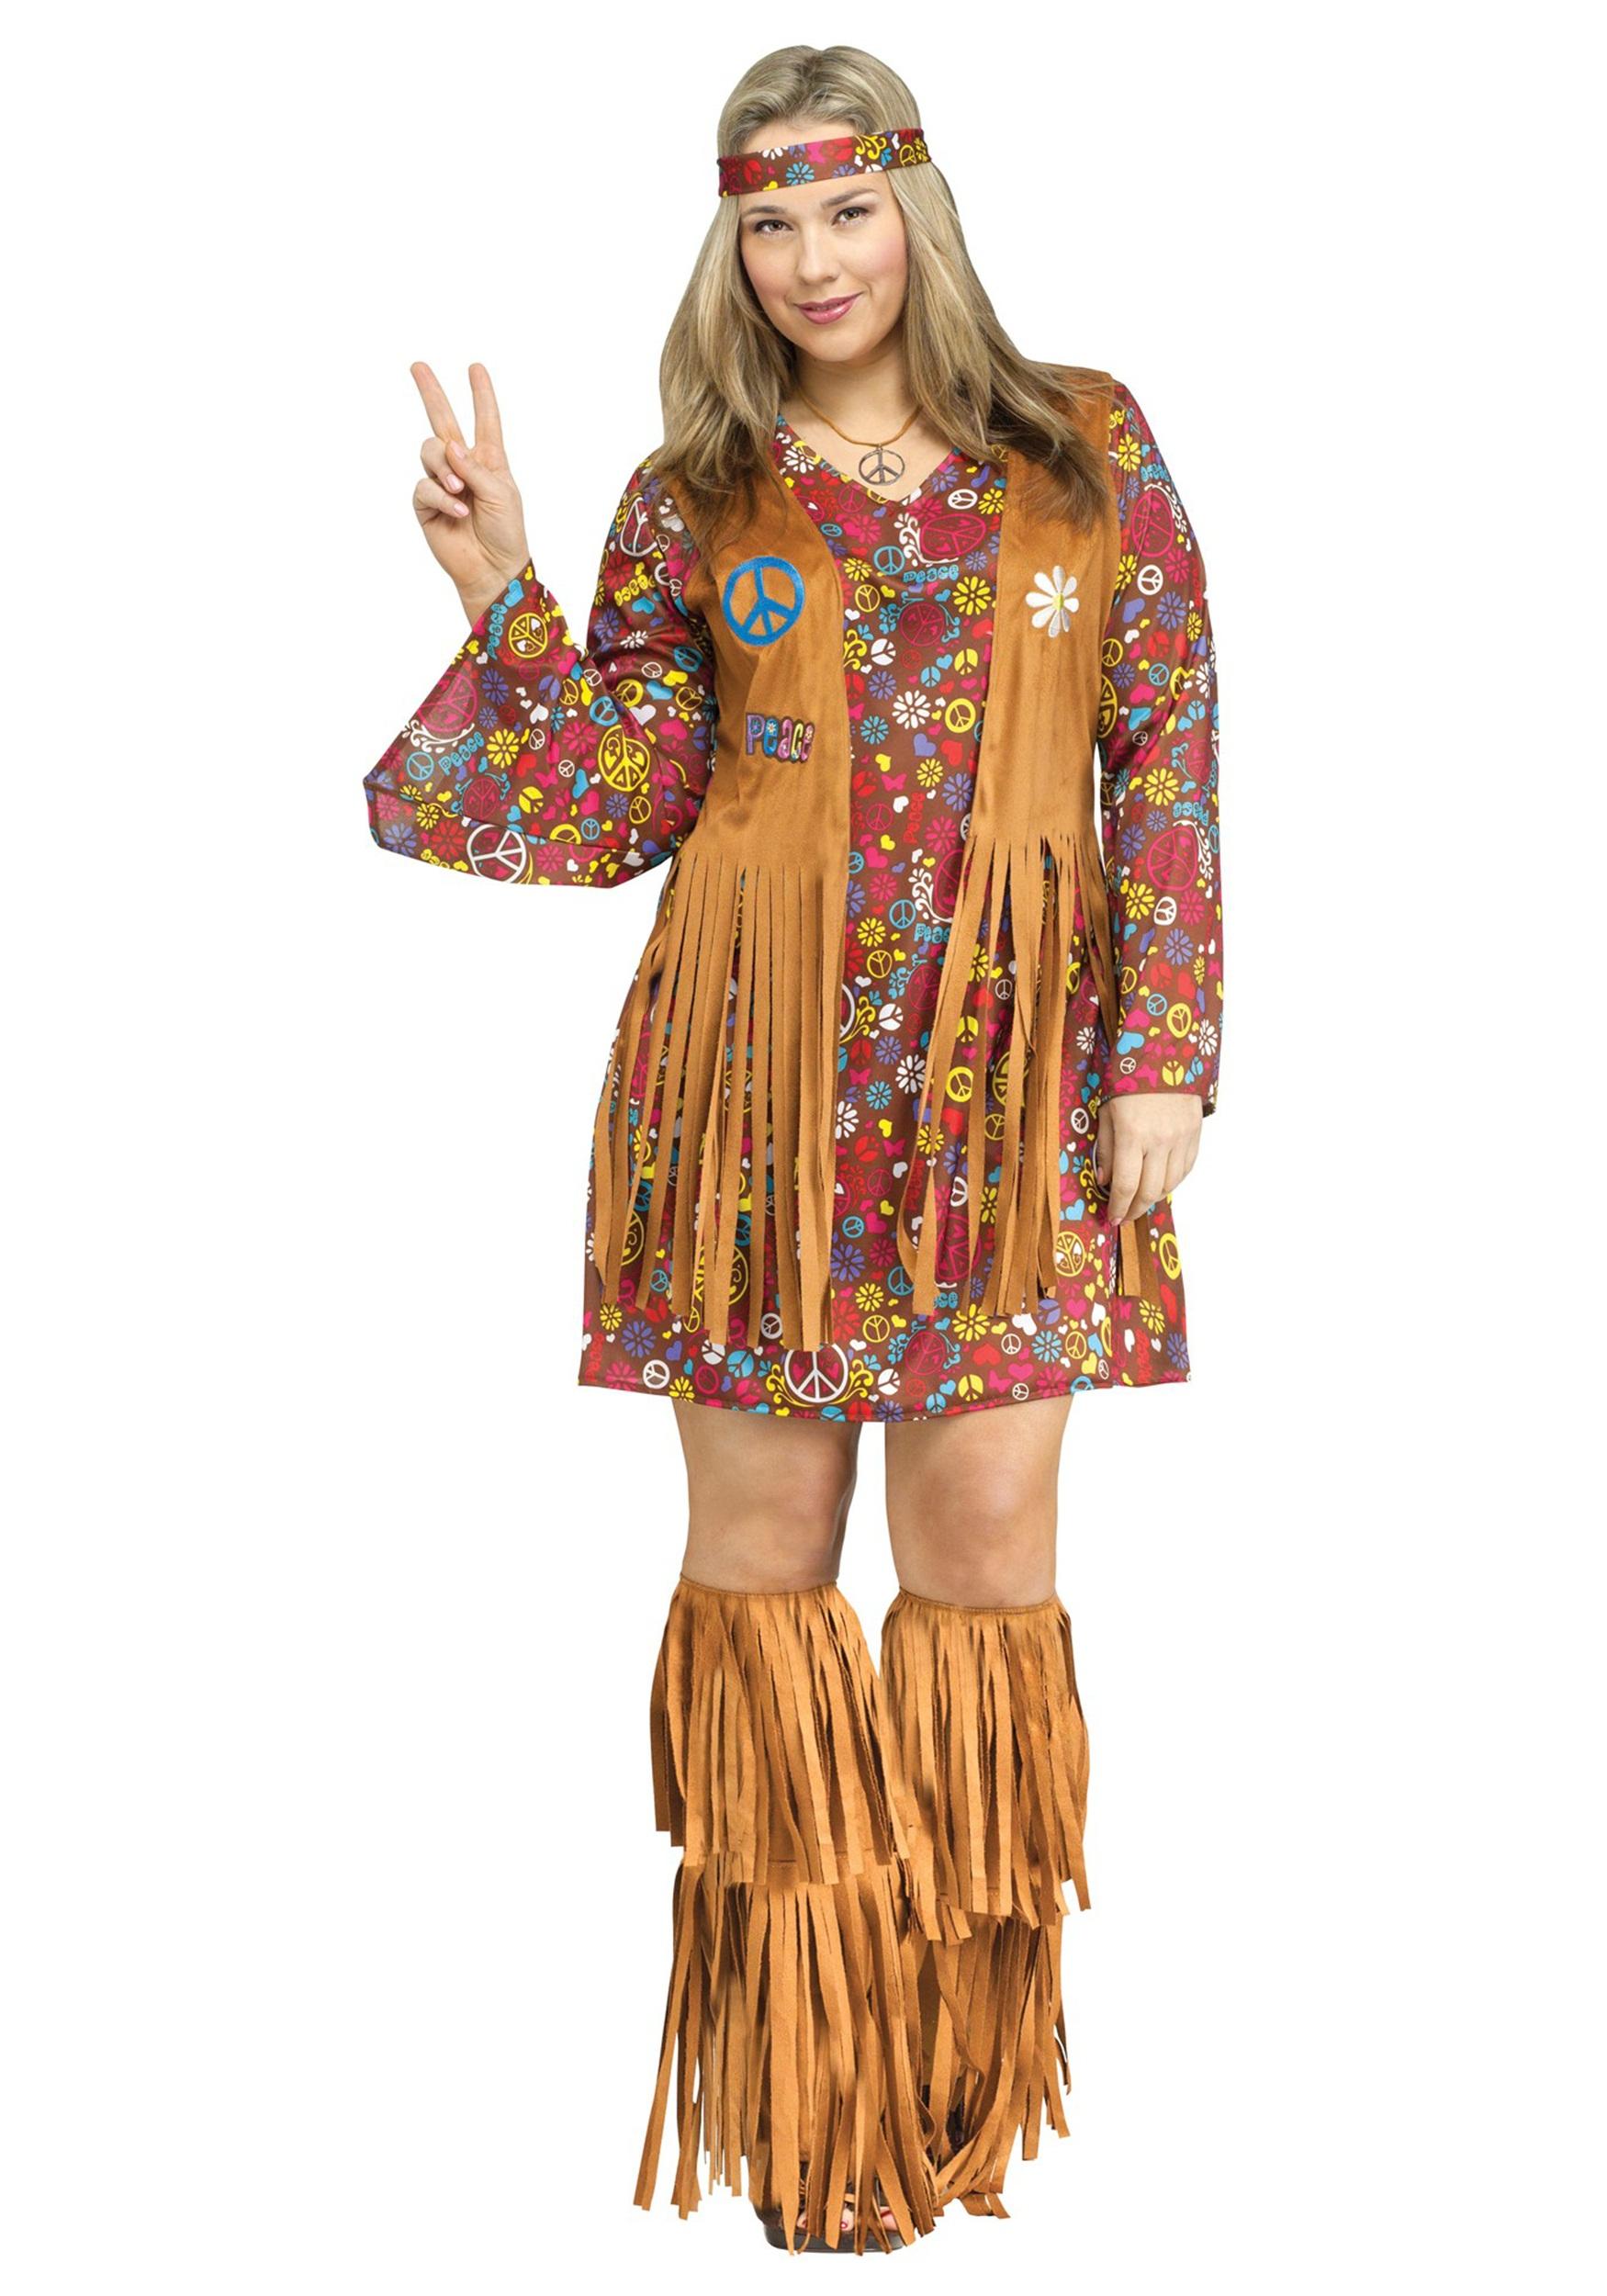 1970s Costumes | 70s Attire | Disco Attire